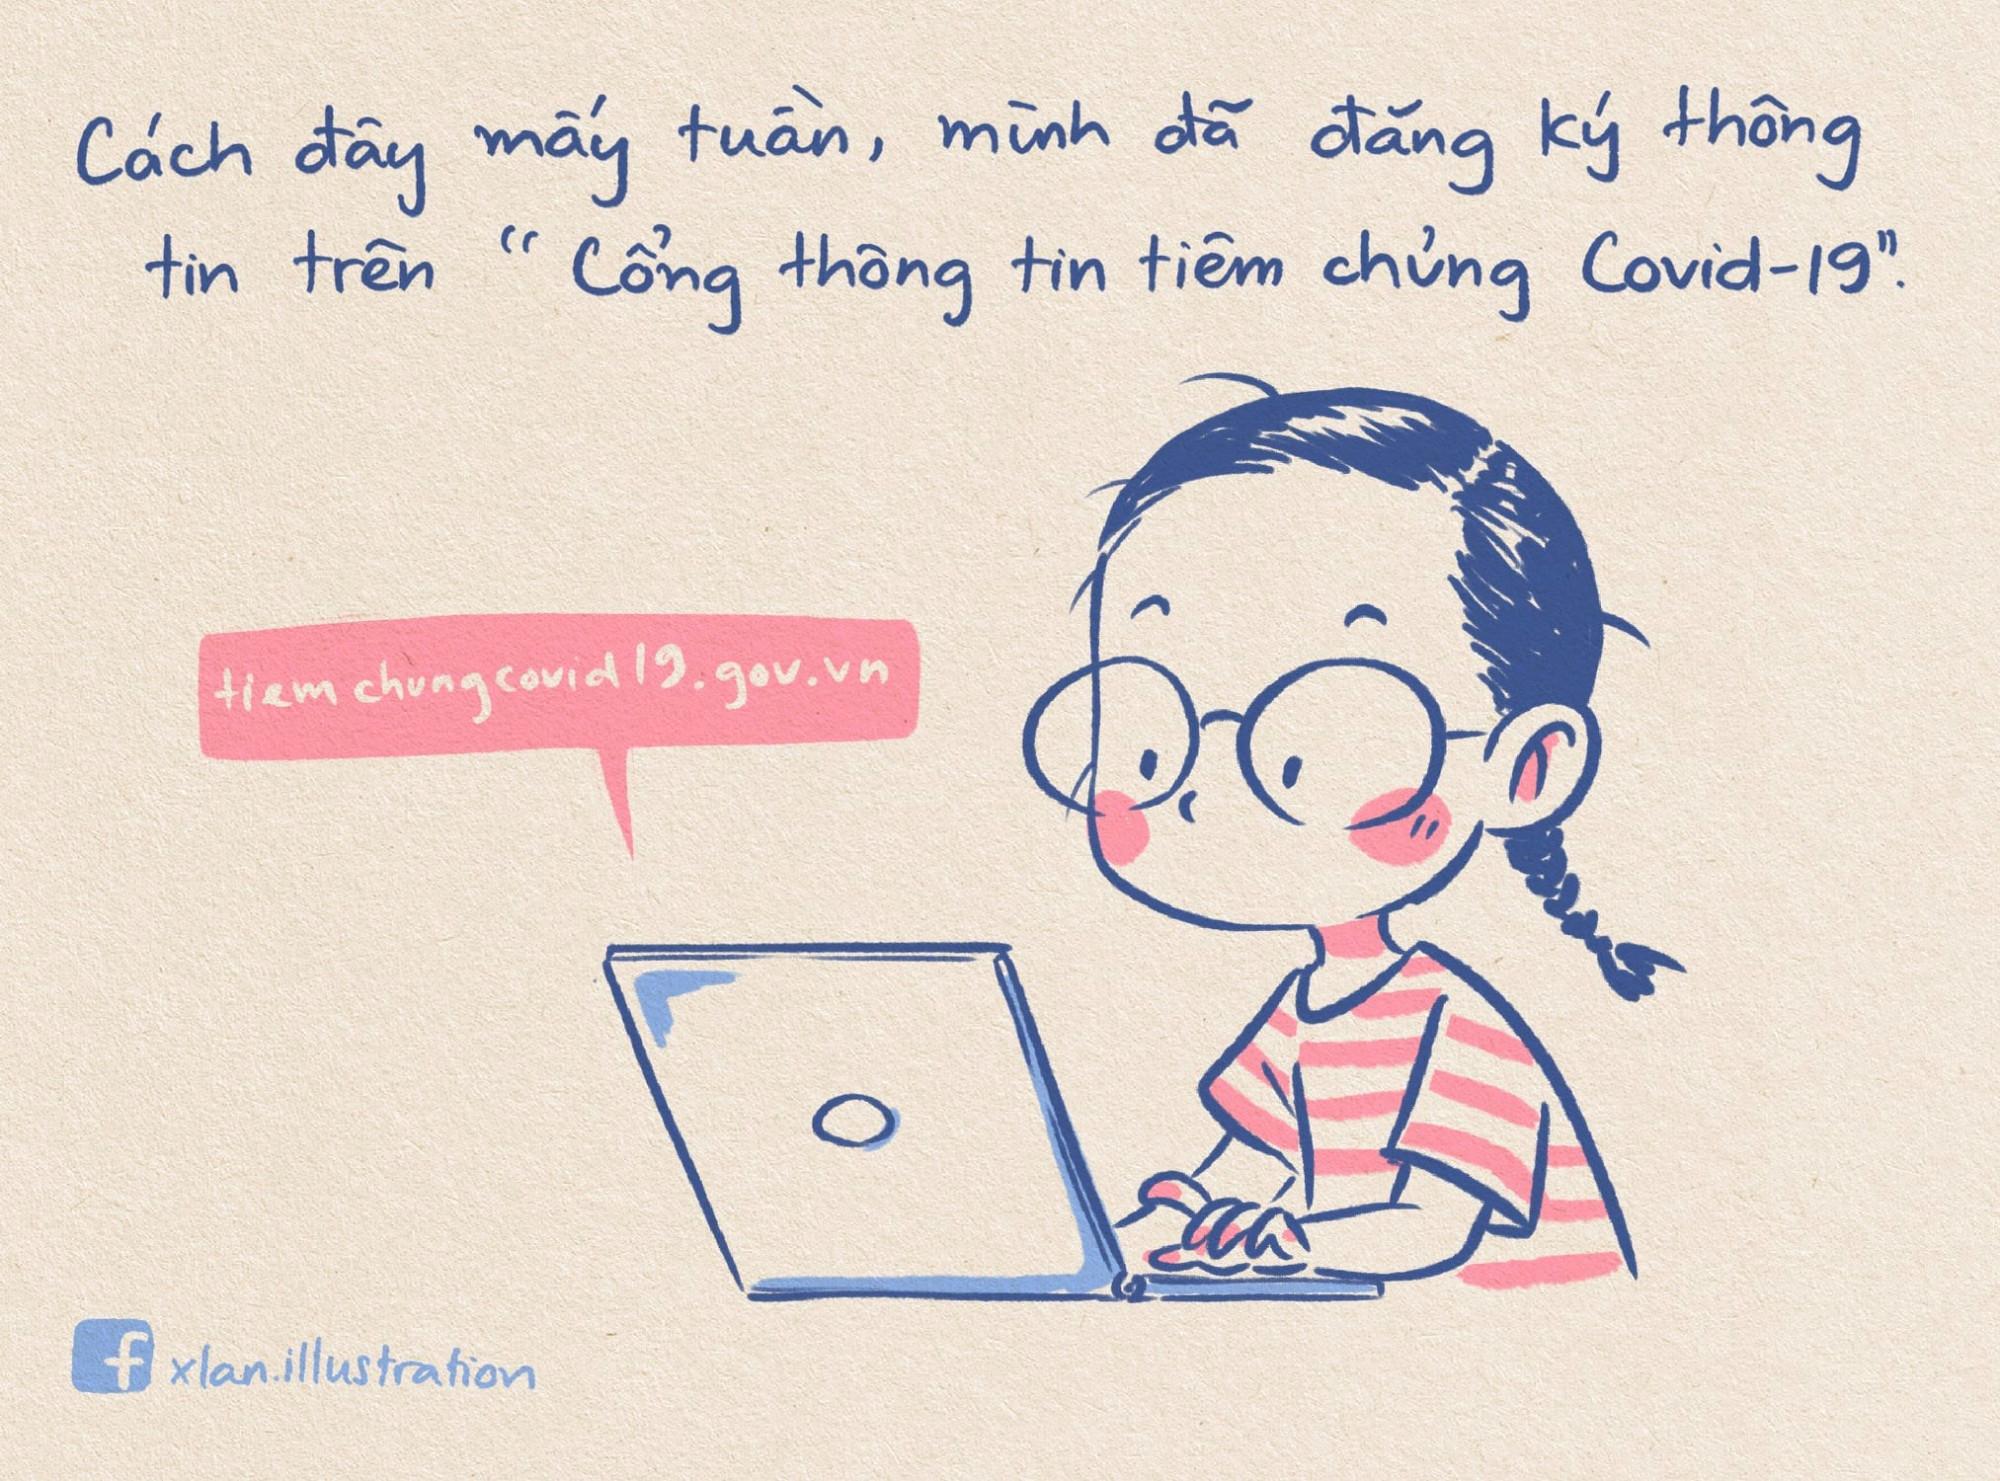 Xuân Lan đăng ký tiêm phòng COVID-19 trên mạng, thông qua đường link mà mẹ cô gửi.